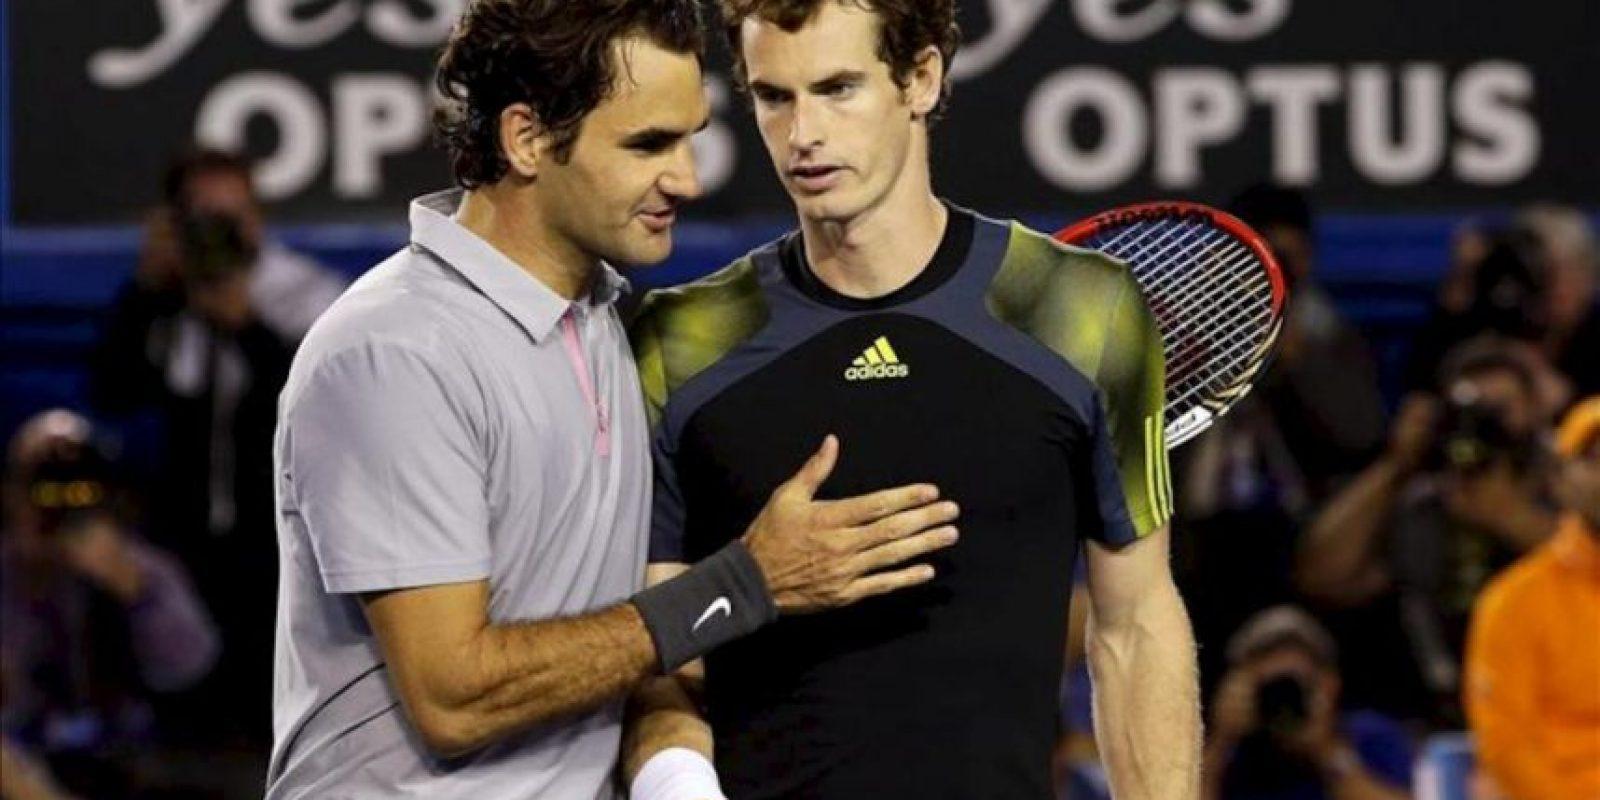 El tenista suizo Roger Federer (i) felicita por su victoria al británico Andy Murray tras la semifinal del Abierto de Australia disputada hoy en Melbourne, Australia. EFE